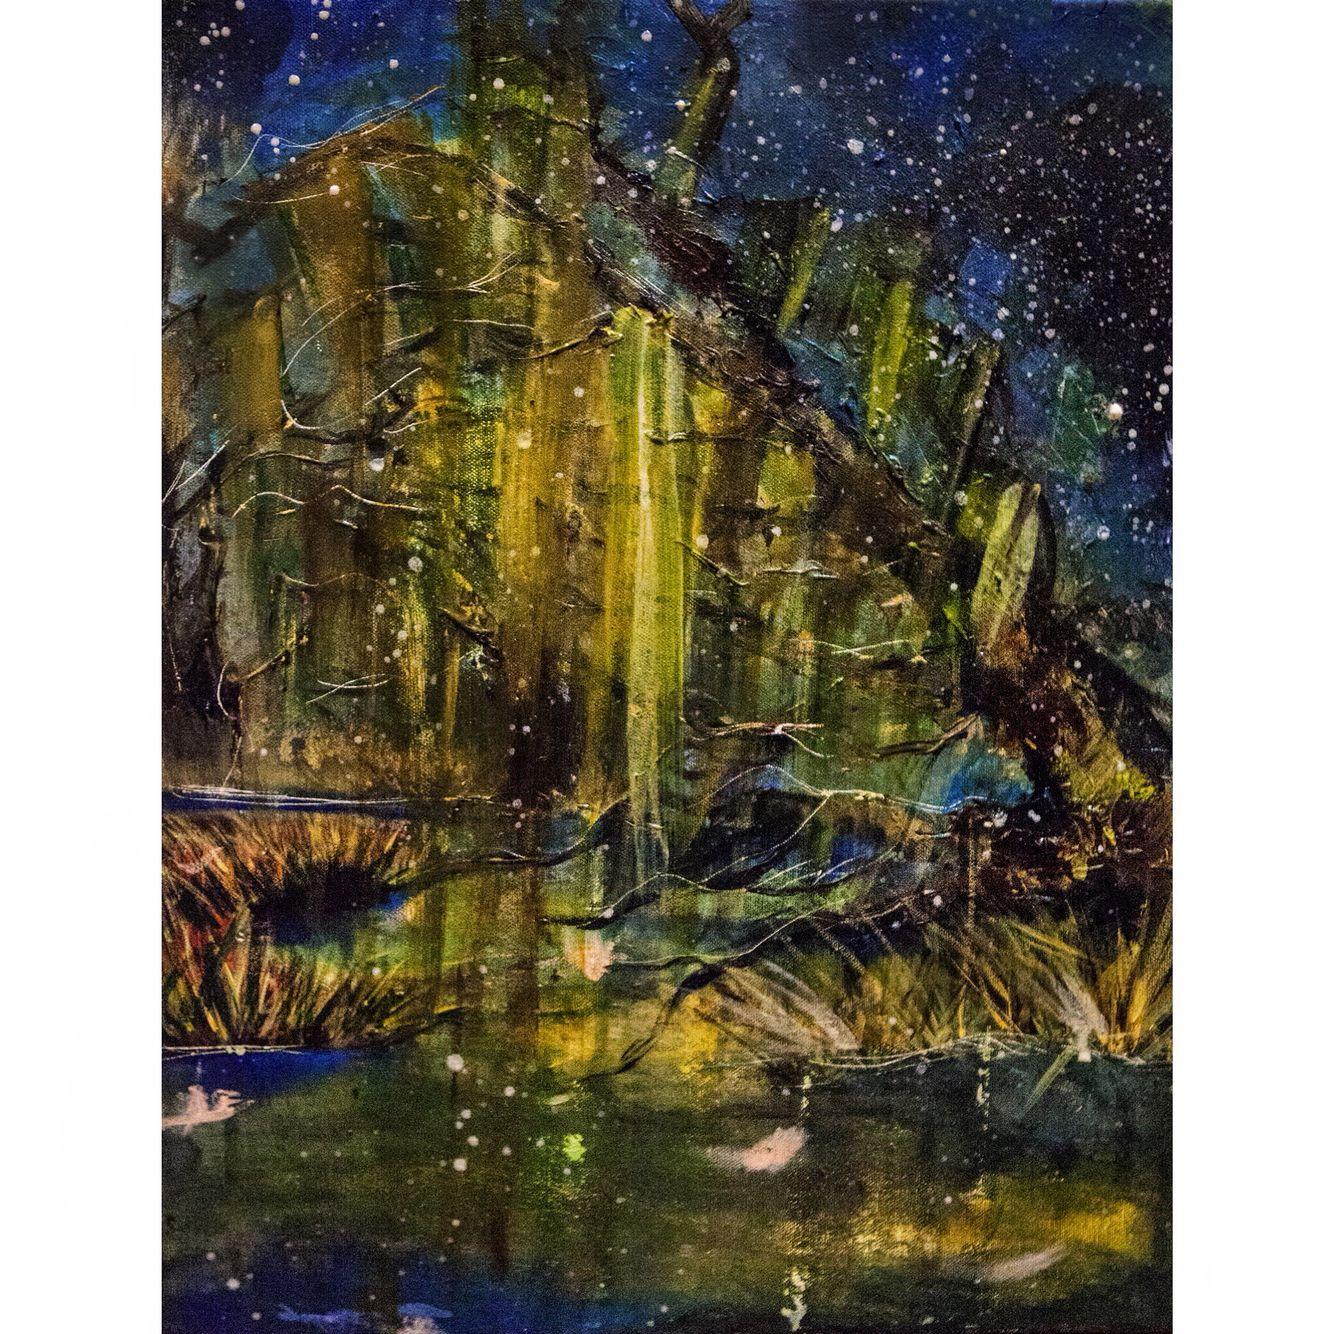 Violet Hour on the Bayou: new #acrylic #painting #abstract #impressionism #vscocam #vscogood nashvilleartscene #nashvilleart #nashvilletn #nashvillepainter #nashvillepainters #art #artist #artists #paint #painter #painters #etsyseller #etsyshop #etsystore #etsyundiscovered #etsy #etsyart #etsyartist #etsypainter | http://etsy.com/shop/CarolineHaagMarshall